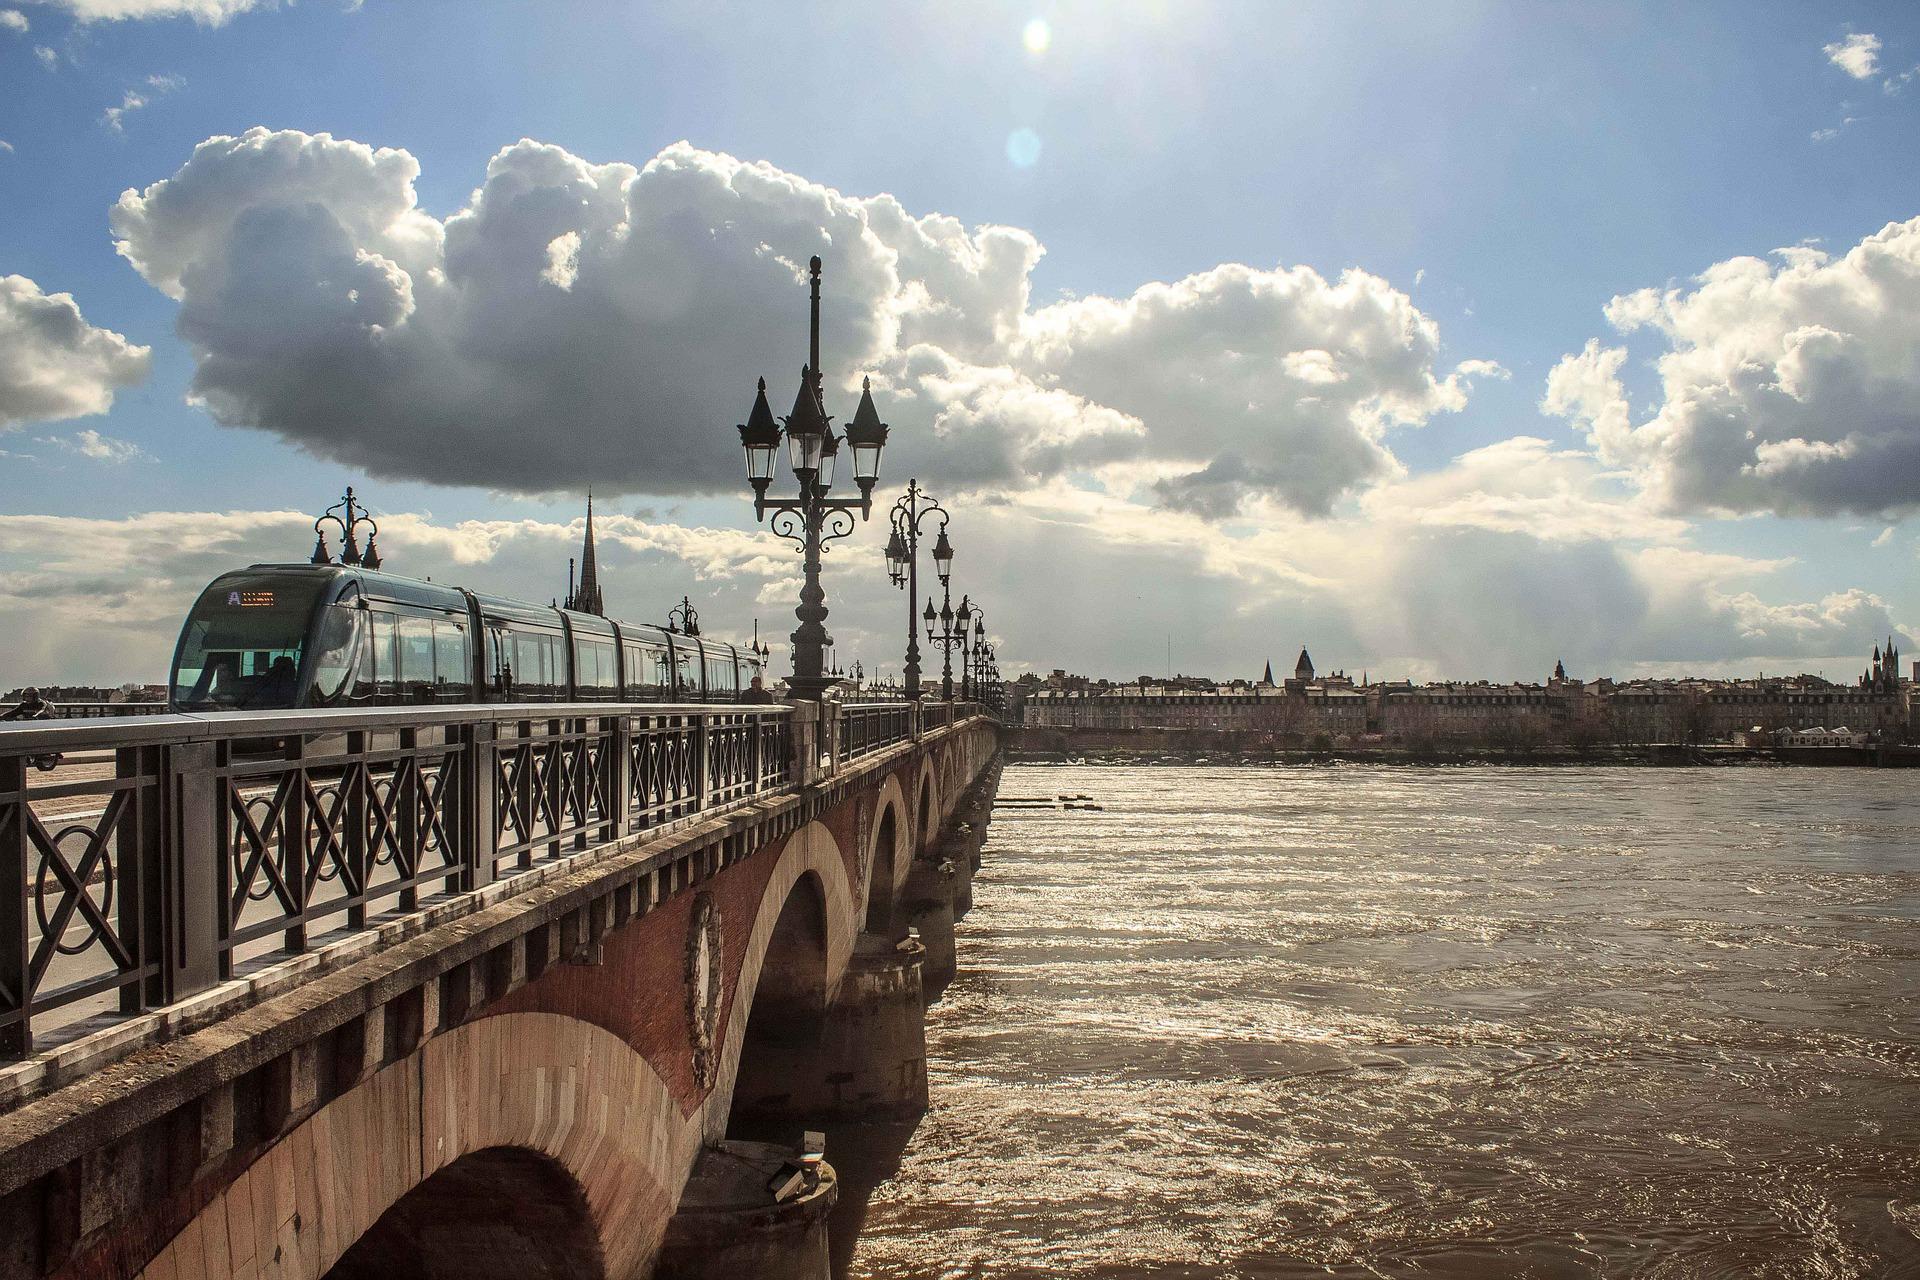 Bordeaux_CC0.jpg?1545475566